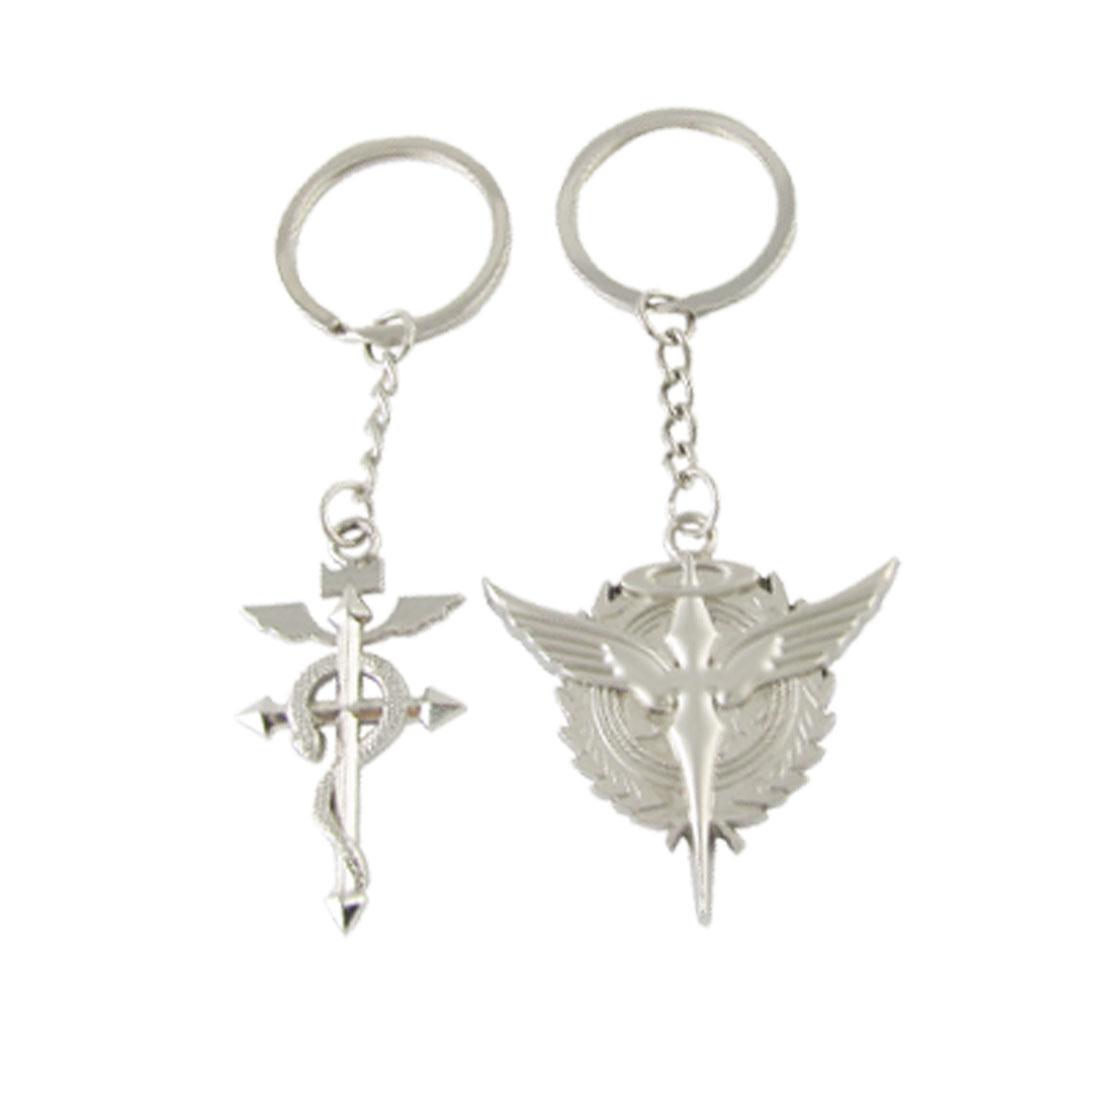 2 Pcs Metal Silver Tone Cross Snake Key Chain Ring